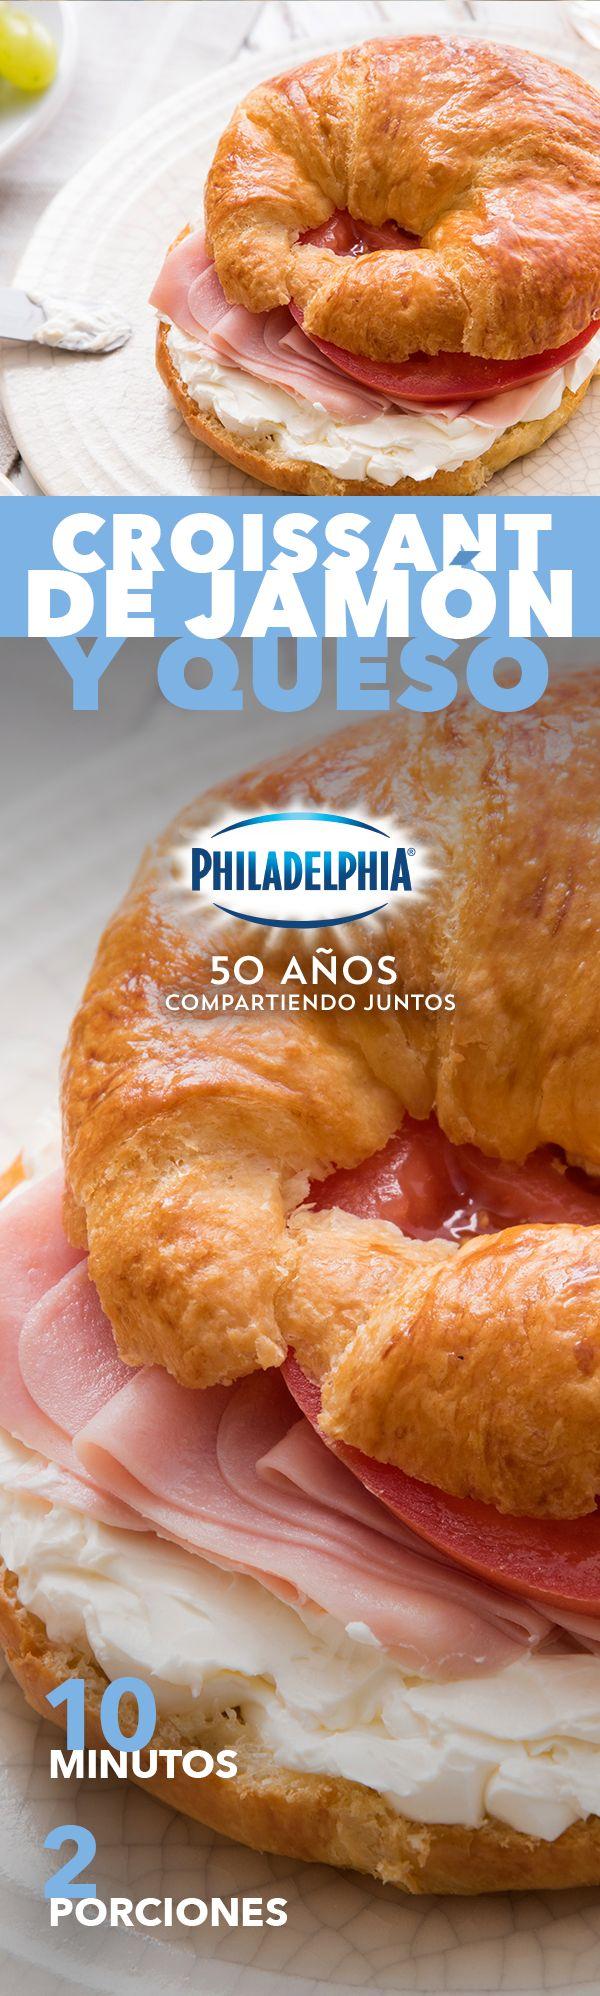 Cuando se te hace tarde necesitas un desayuno de 5 minutos, por eso te compartimos este Croissant de jamón y queso.    #croissantphiladelphia #croissant #jamon #desayuno #desayunos #cuernito #queso #quesocrema #Philadelphia #QuesoPhiladelphia #QuesoCremaPhiladelphia #recetasfaciles #desayunar #recetasdesayunos